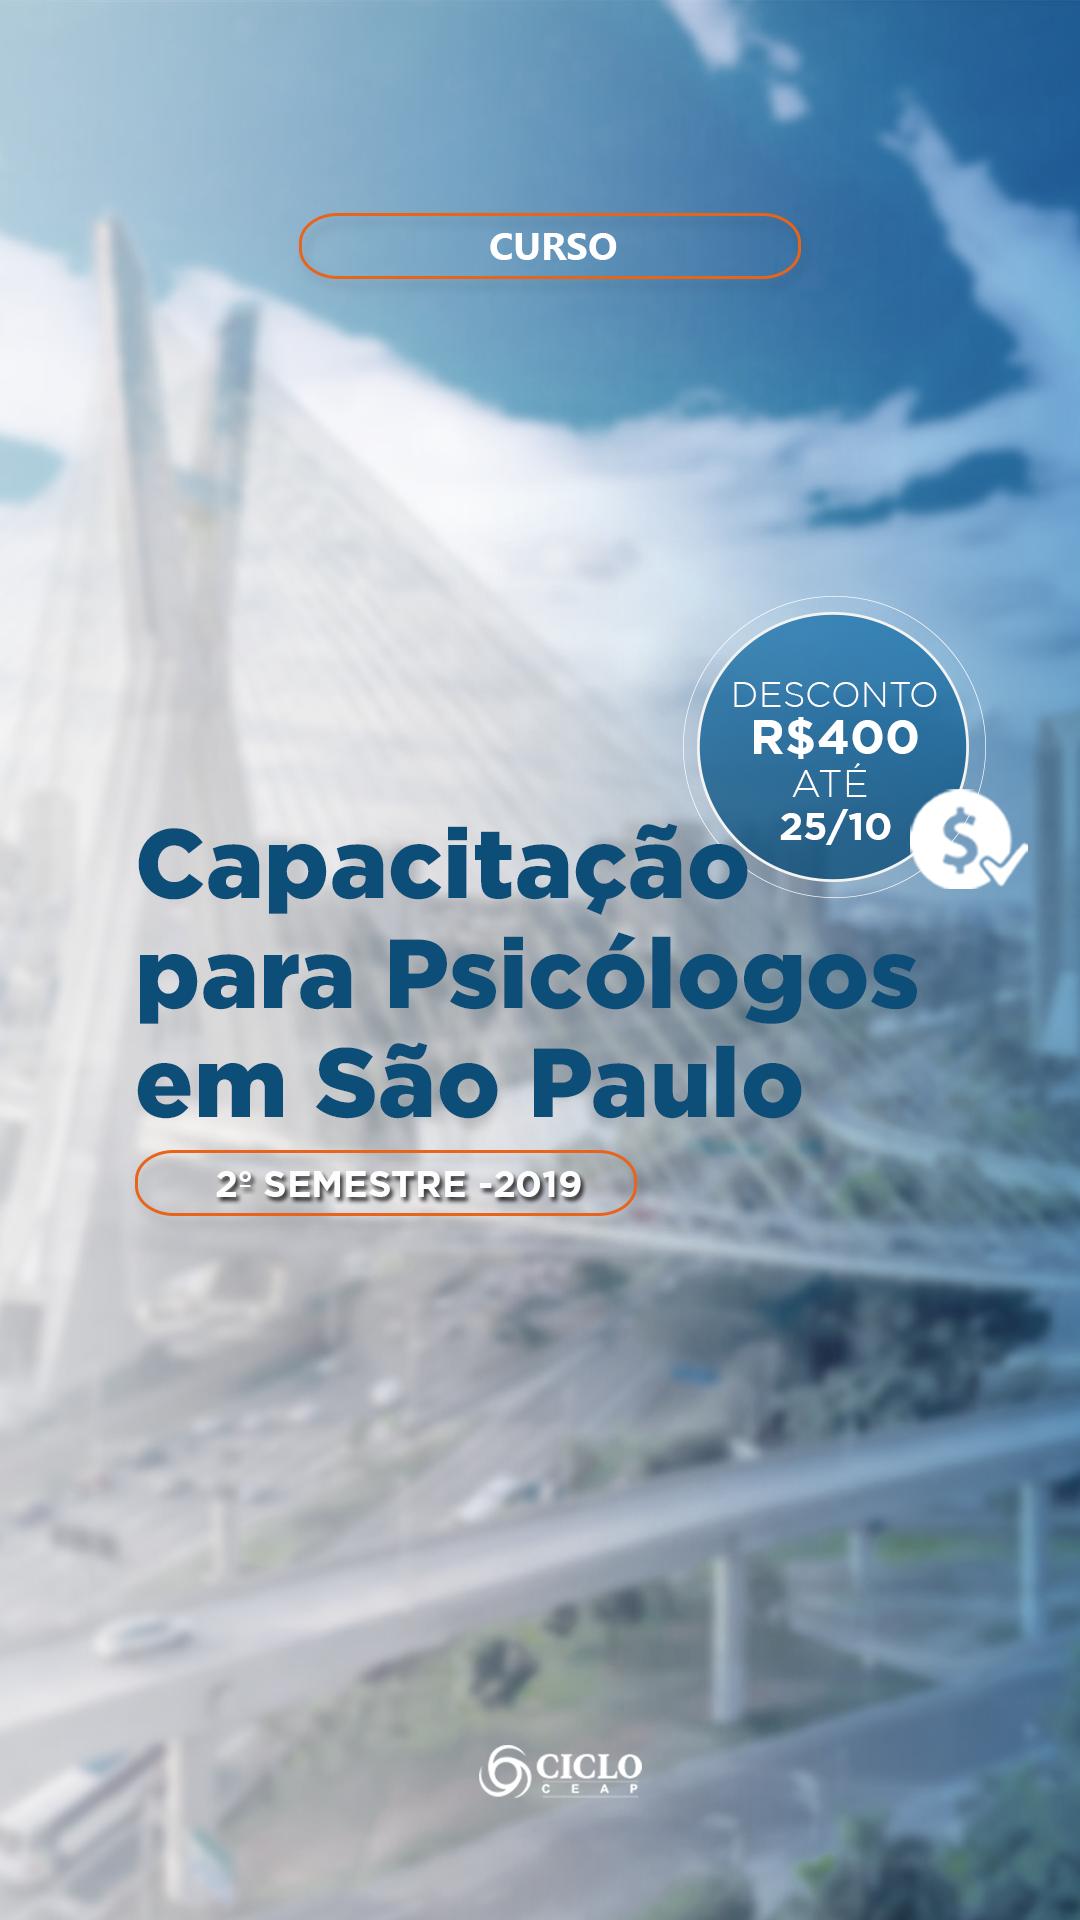 1 - Storie - Capa Carrosel - Capacitação para psicologo em São Paulo 2º Semestre